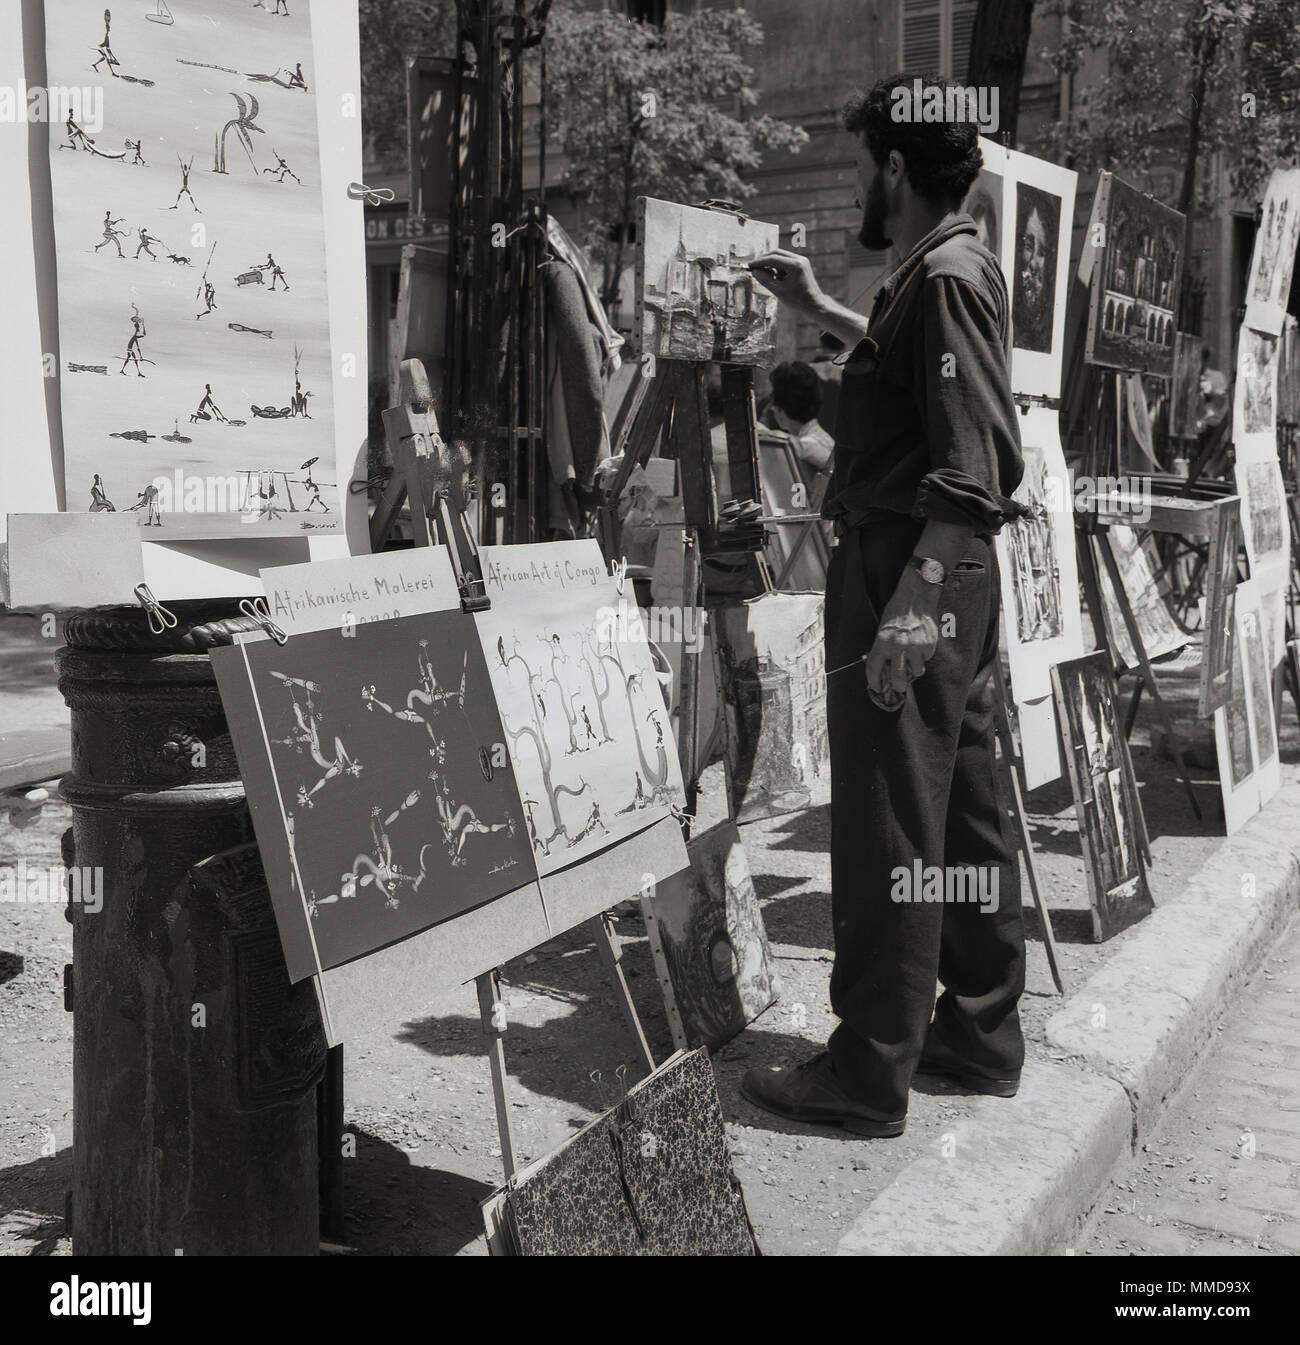 Degli anni Cinquanta, foto storiche di un maschio di artista di strada in una pittura su tela a La Place du Tertre a Montmartre, Paris, Francia, una zona famosa per i suoi artisti e storia artistica, Immagini Stock